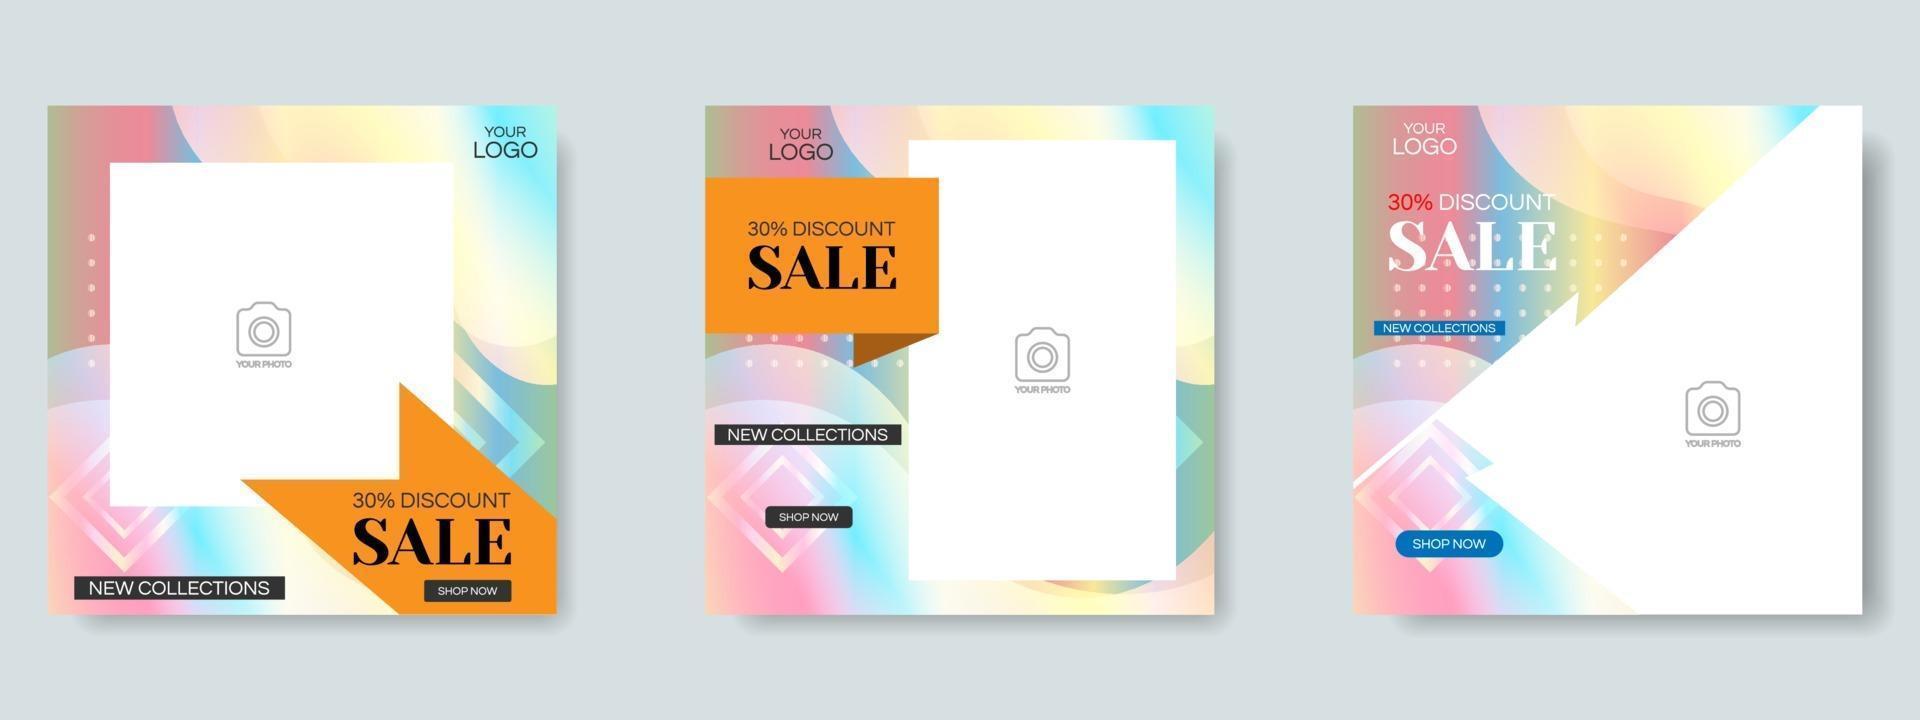 modèle de conception de publication de médias sociaux de vente de mode. vecteur de bannière web